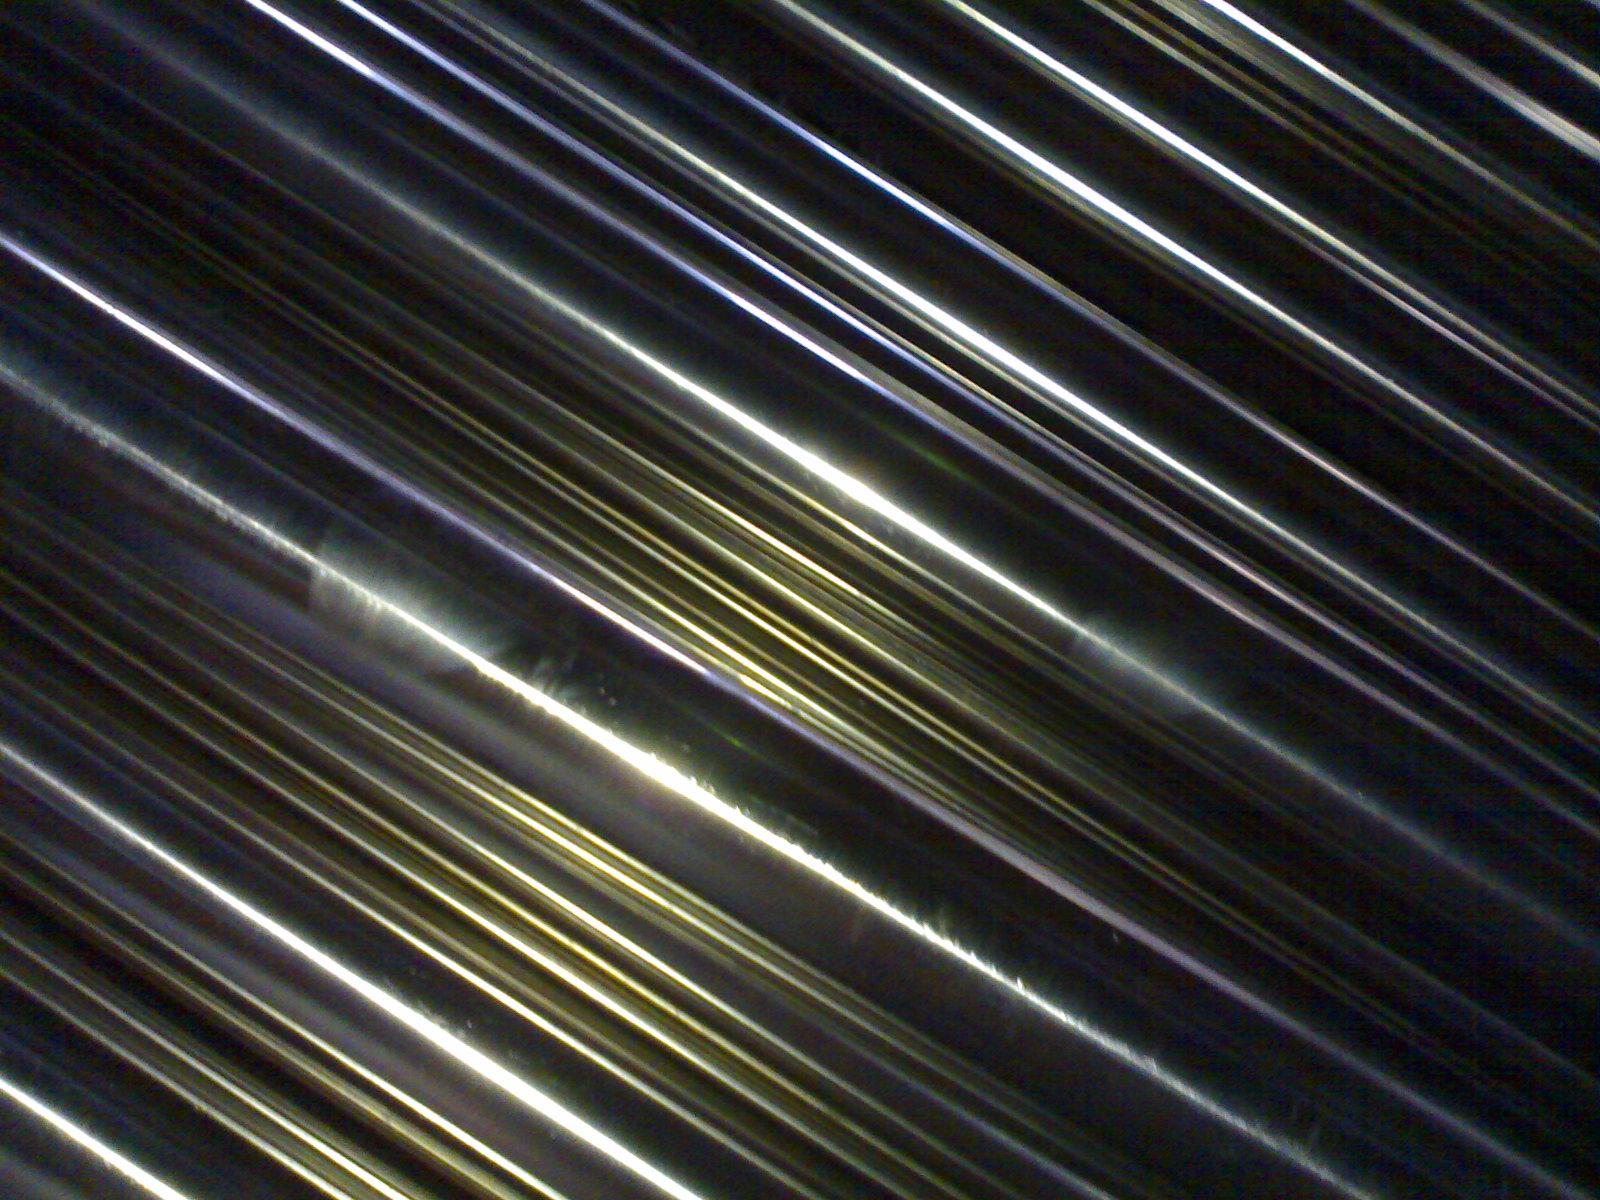 供应铁素体不锈钢TCS345/T4003